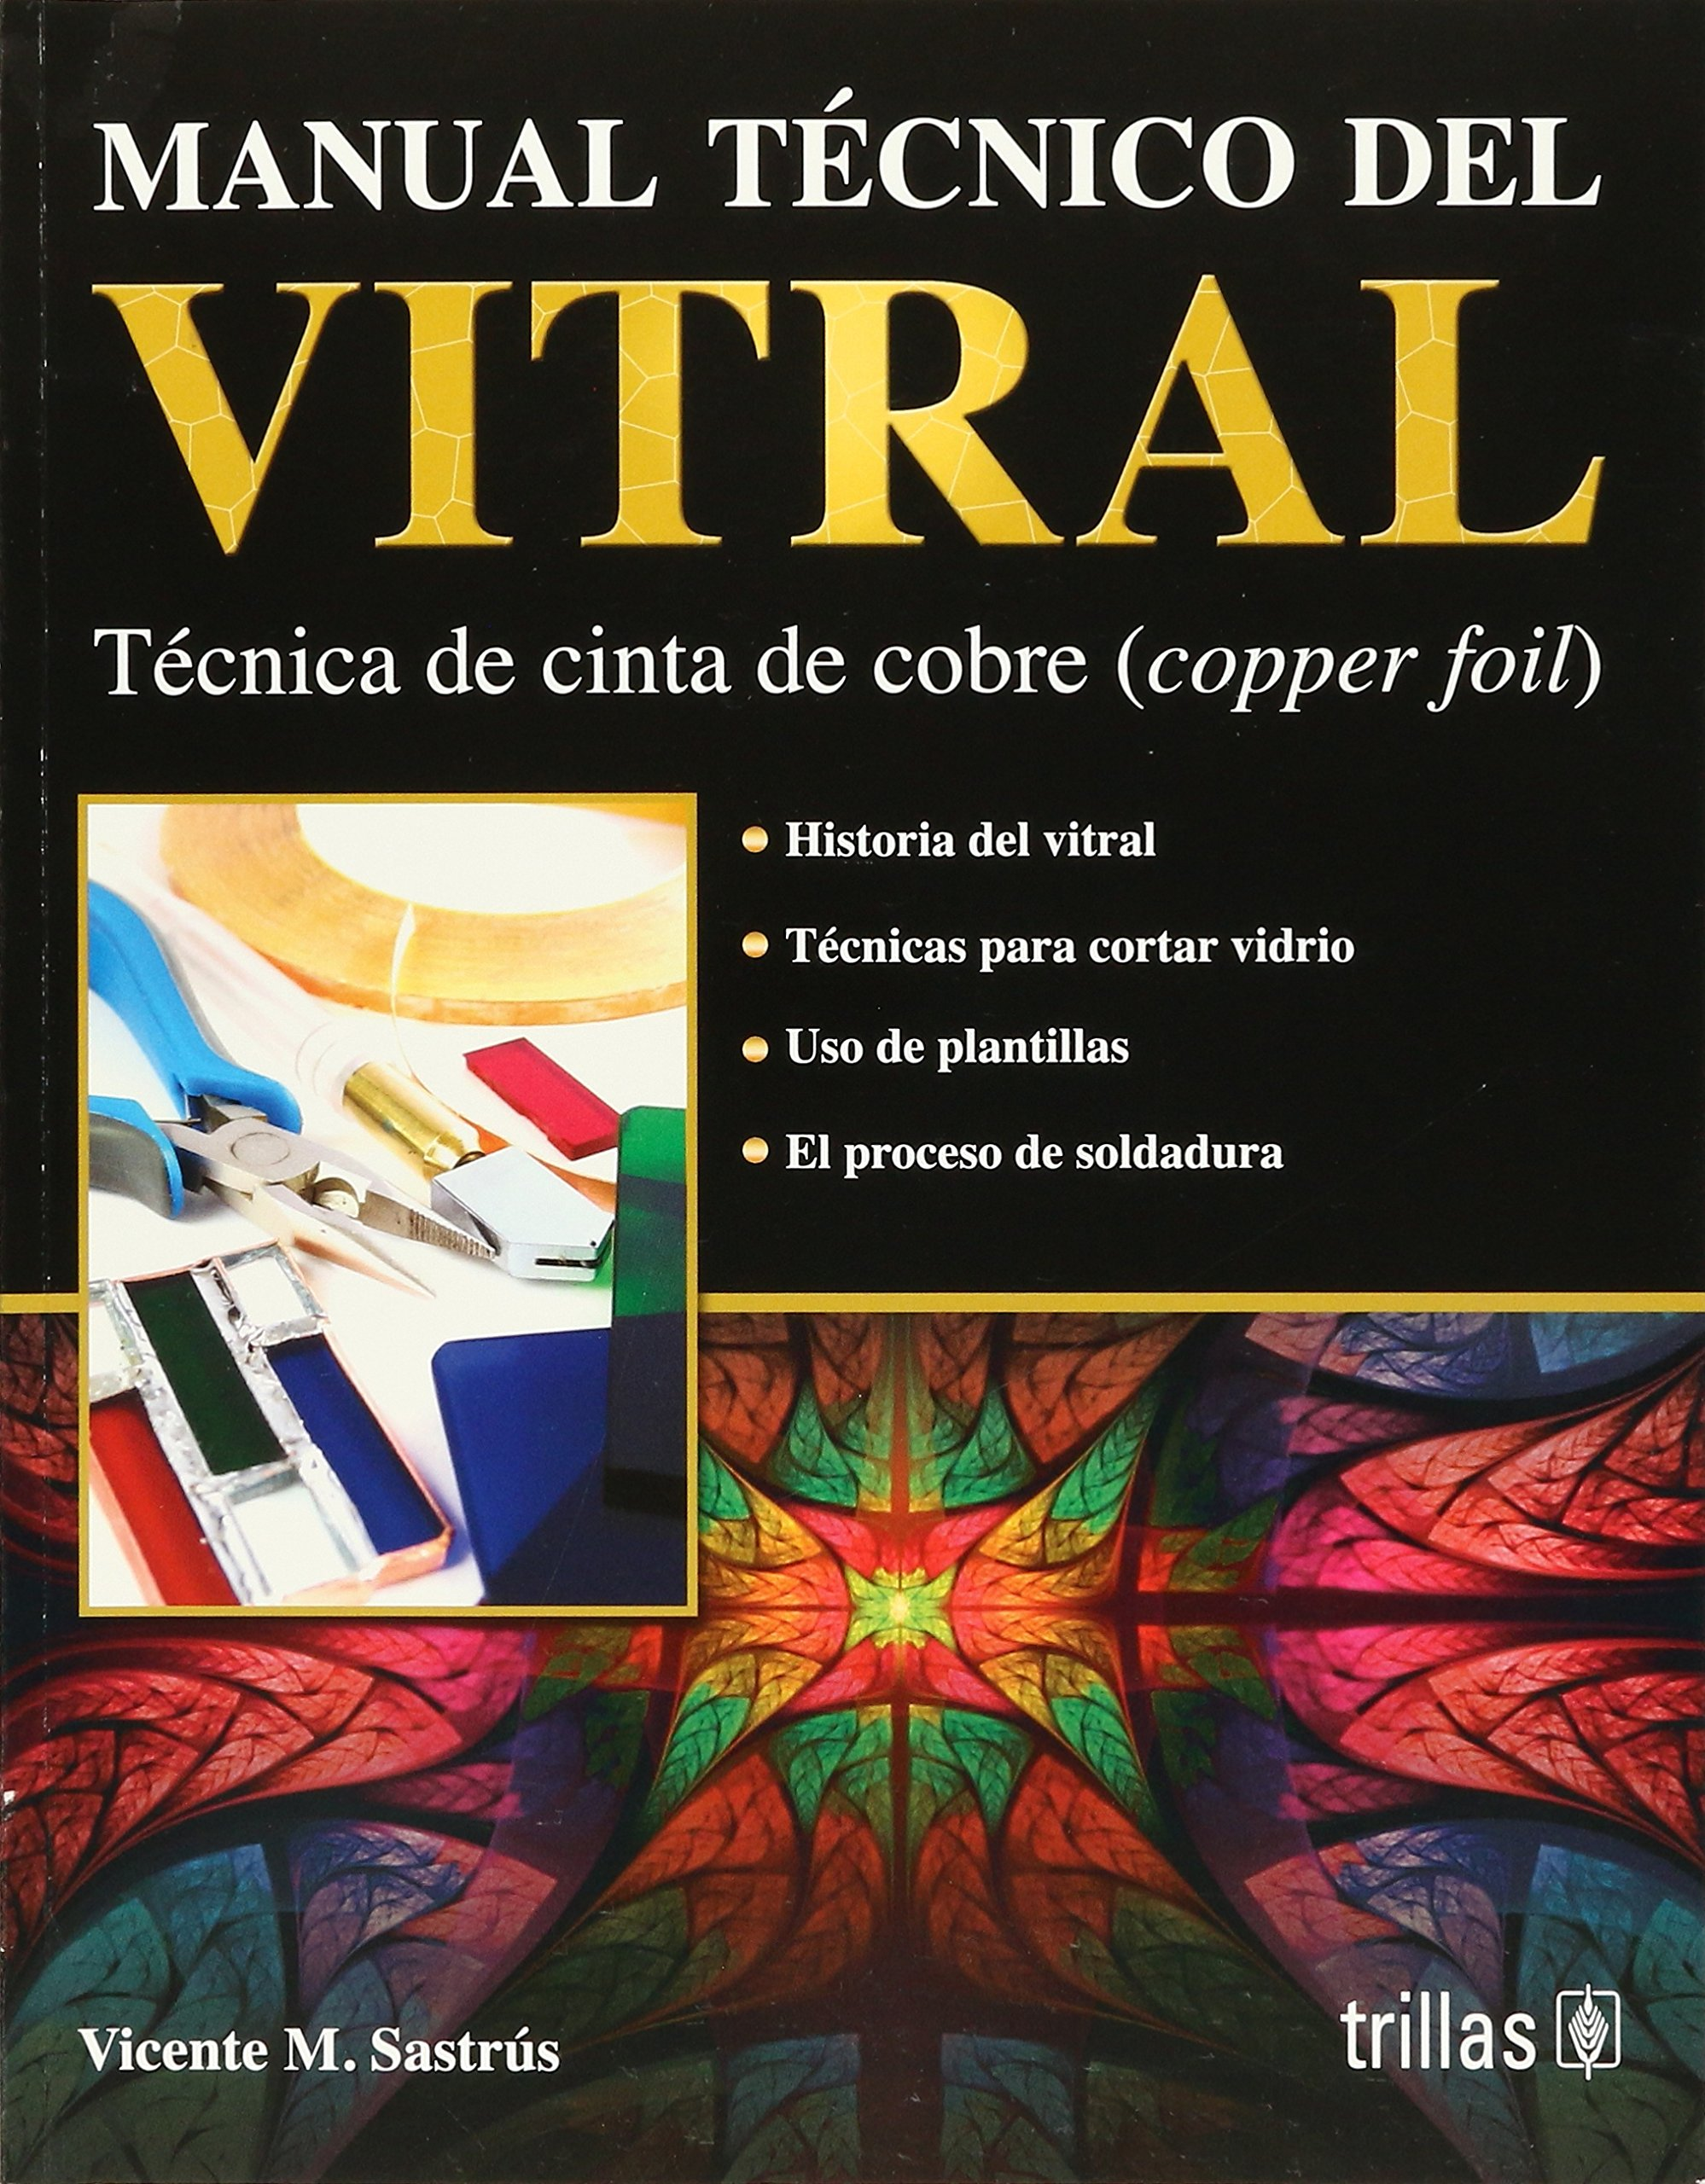 Manual Tecnico Del Vitral/Stained Glass Technical Manual: Tecnica de cinta de cobre/Cooper Foil Technique (Spanish Edition)